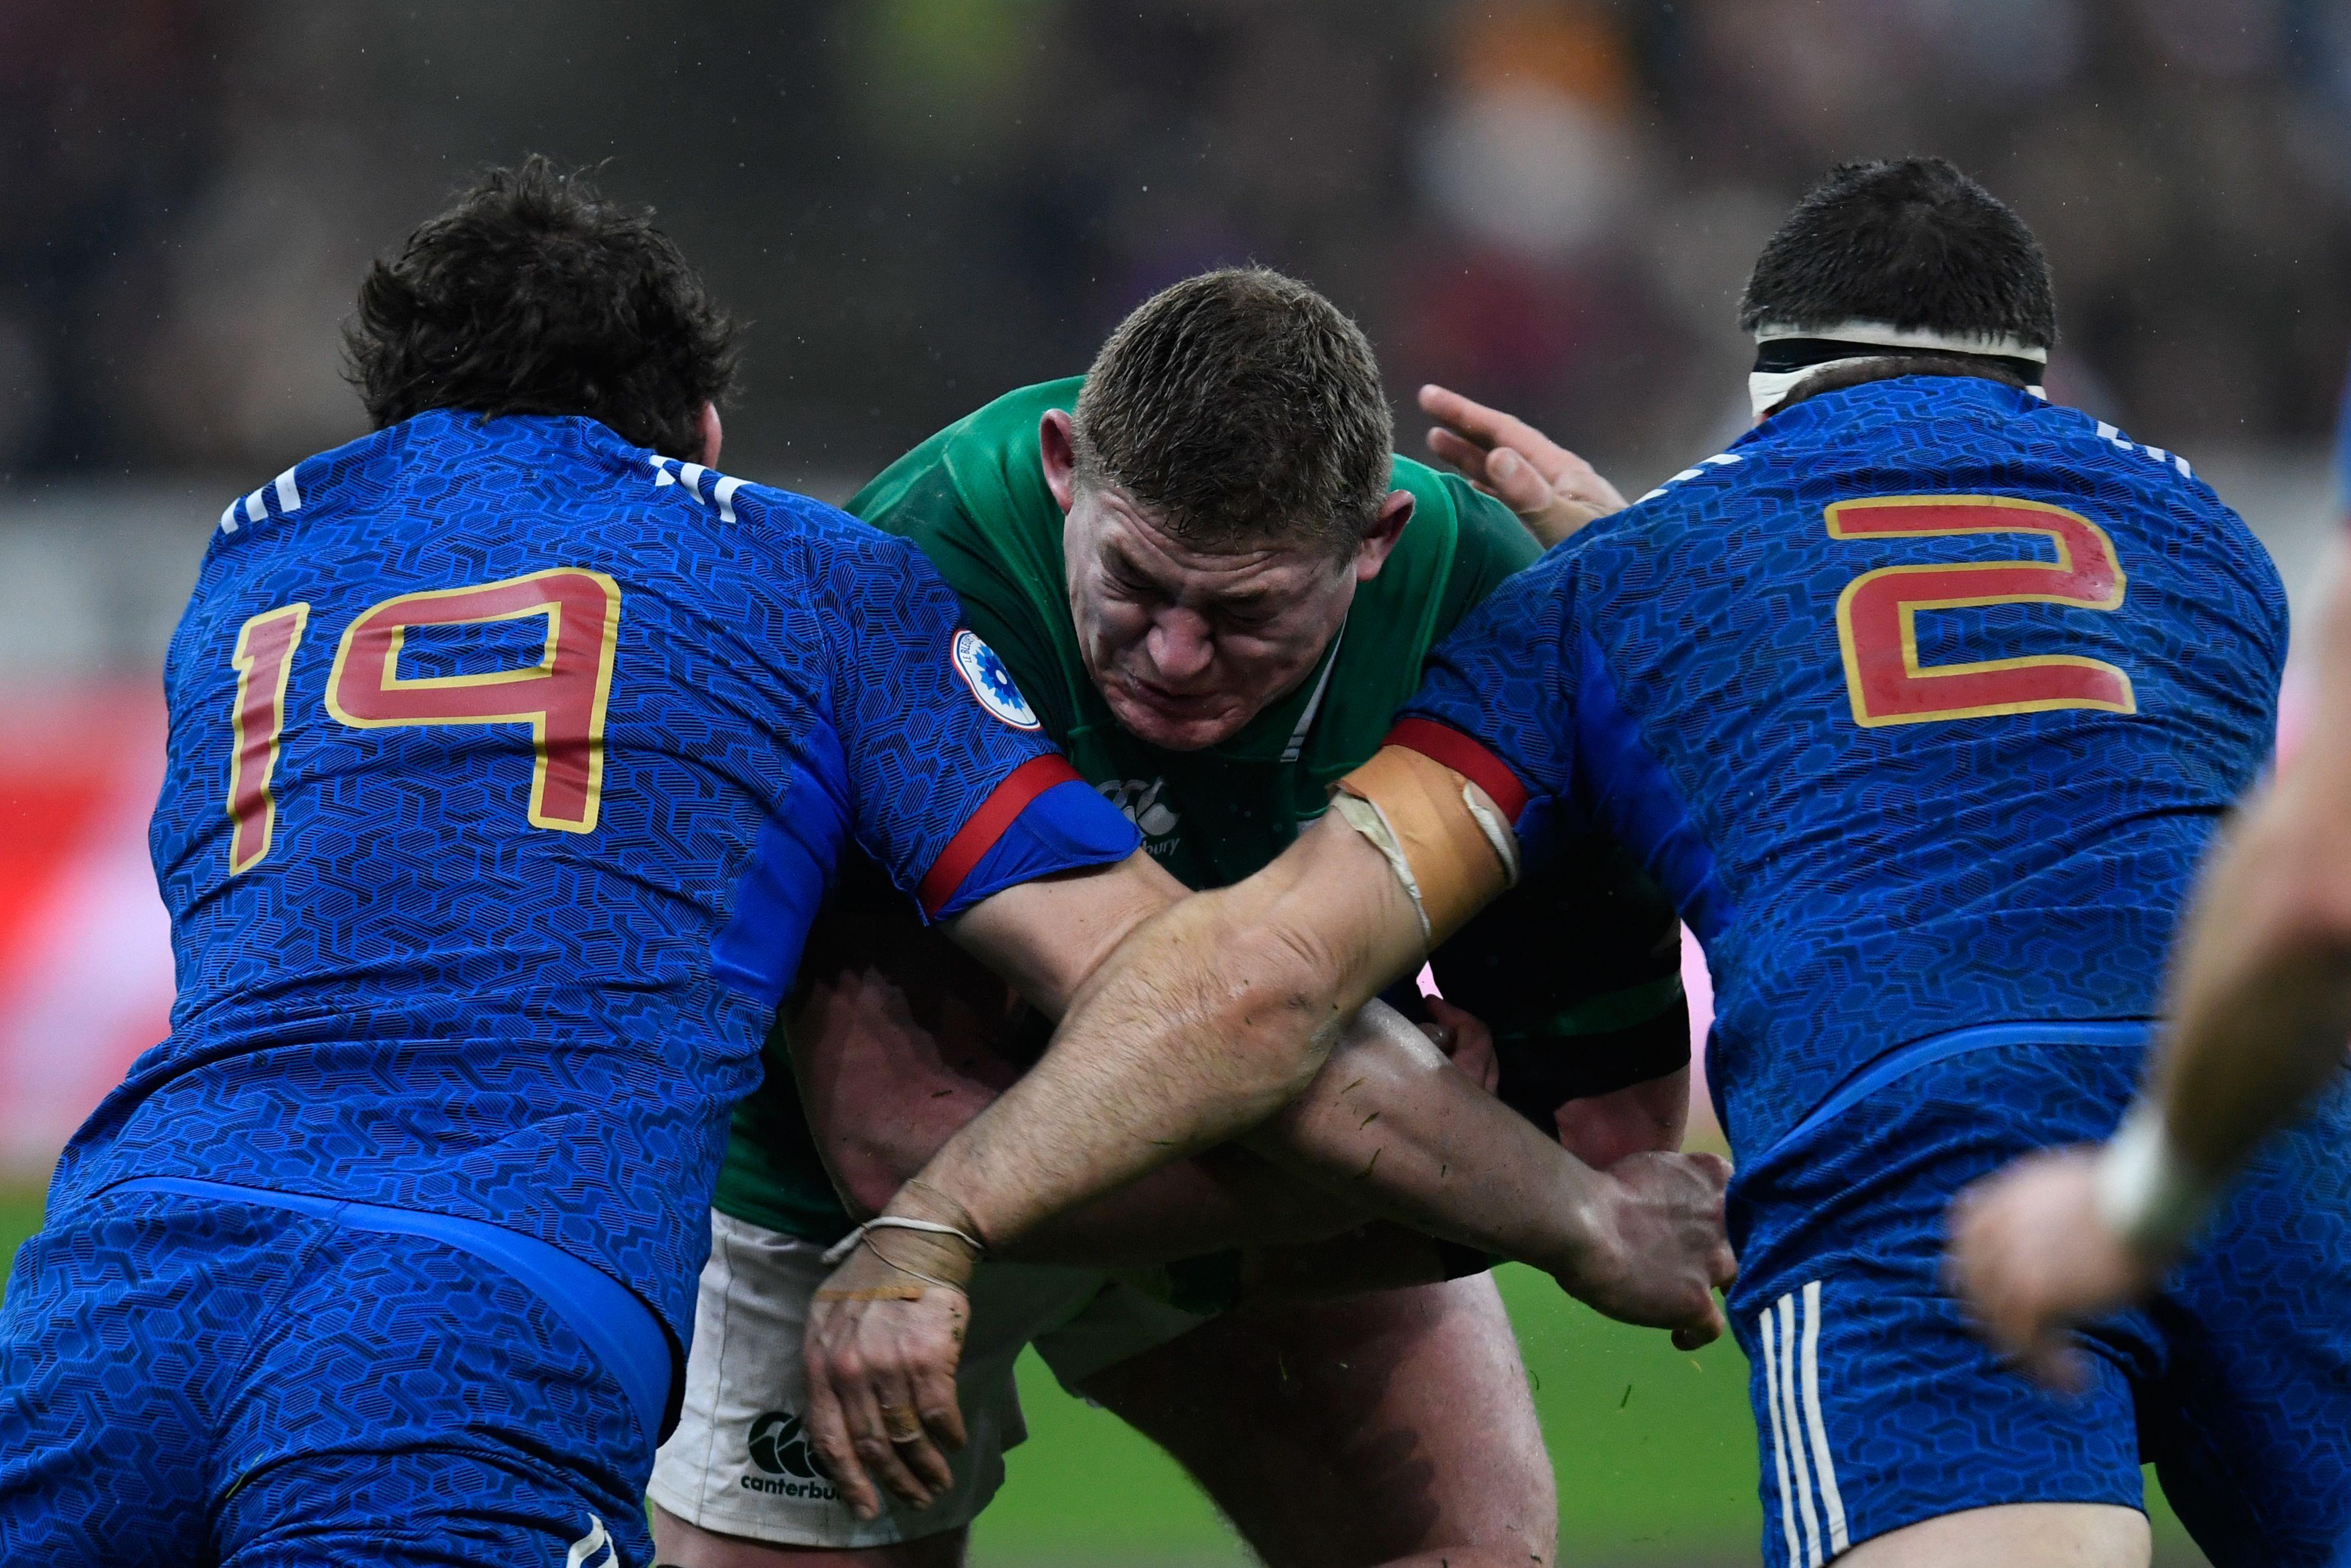 Rugby - XV de France - 6 Nations - Retour en chiffres sur France-Irlande